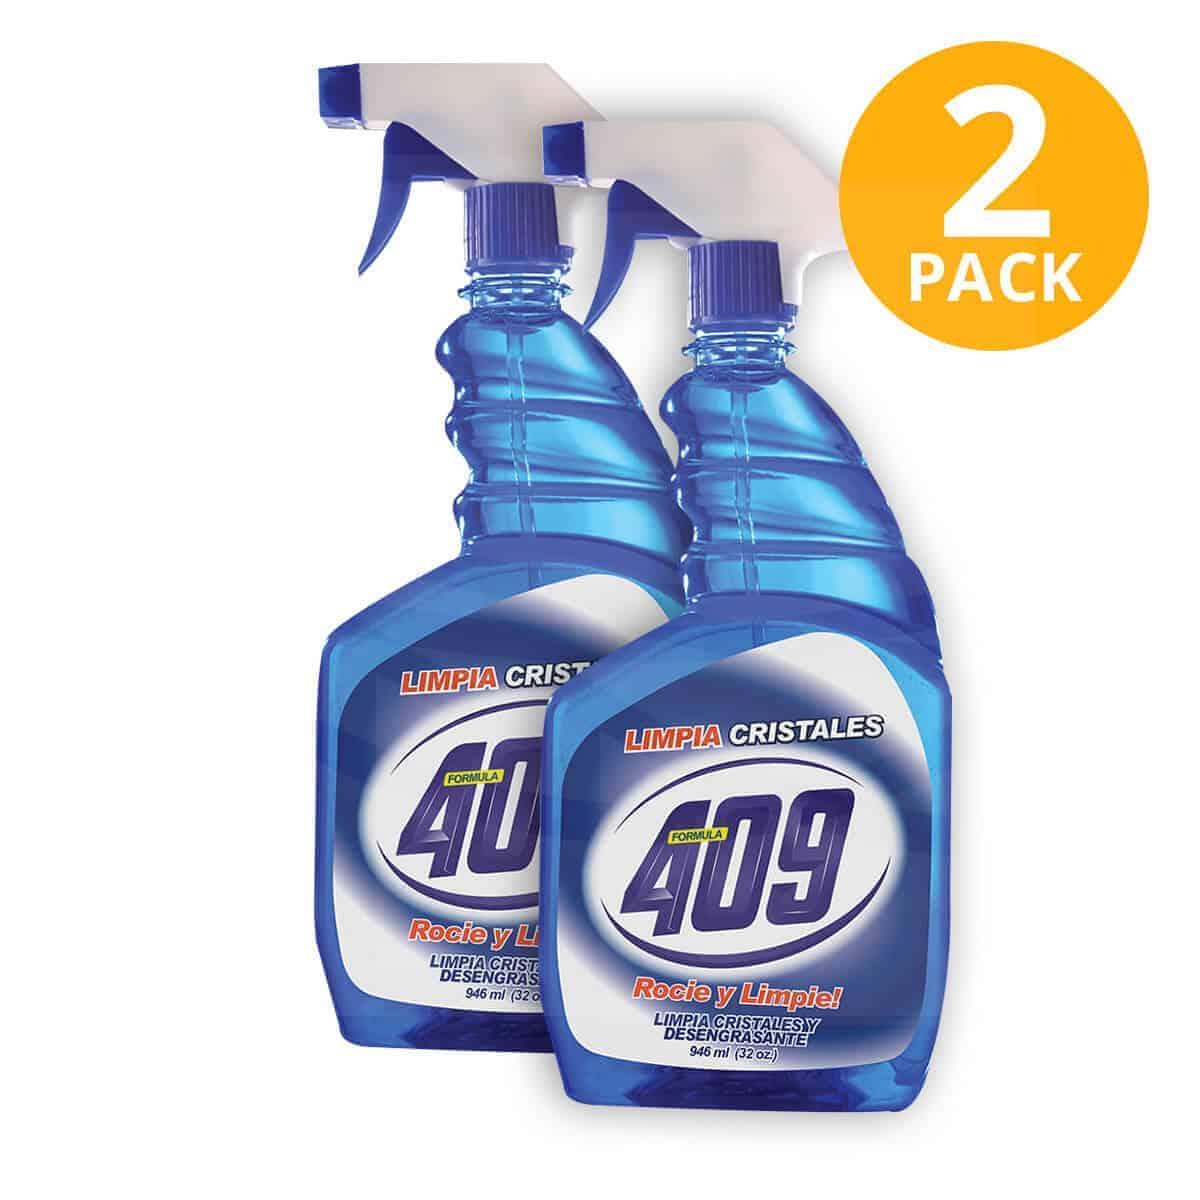 Limpiador 409 Limpia Cristales y Ventanas, 32 OZ (Pack de 2)